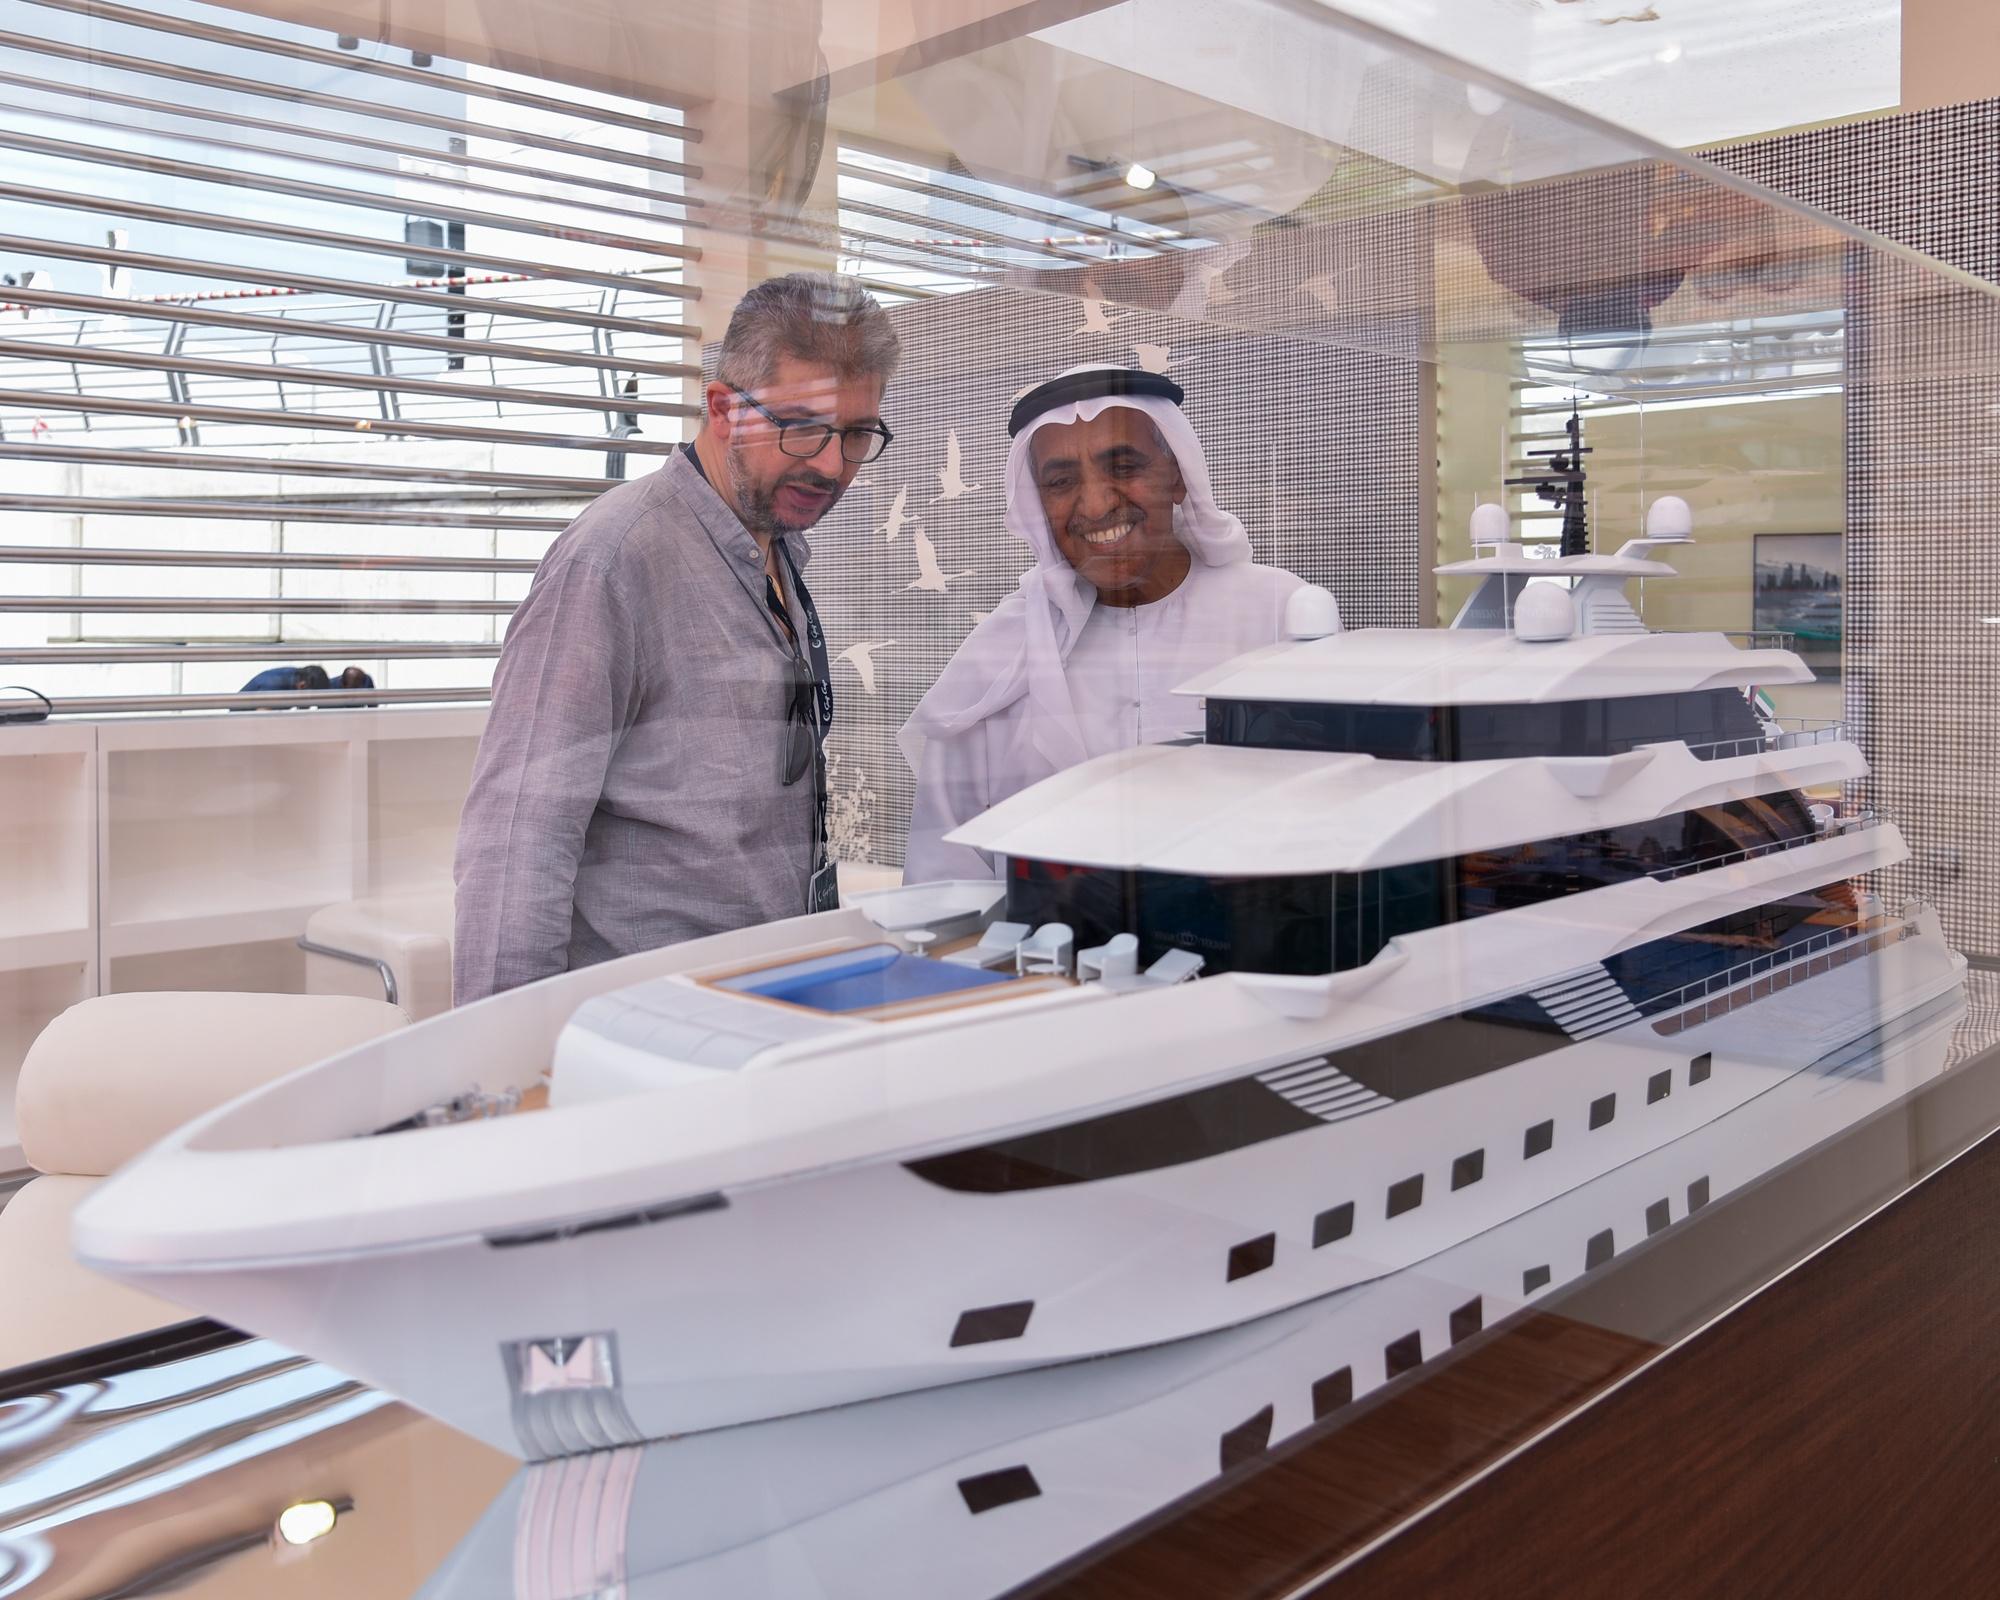 Gulf Craft at the 2018 Dubai Boat Show (3).jpg